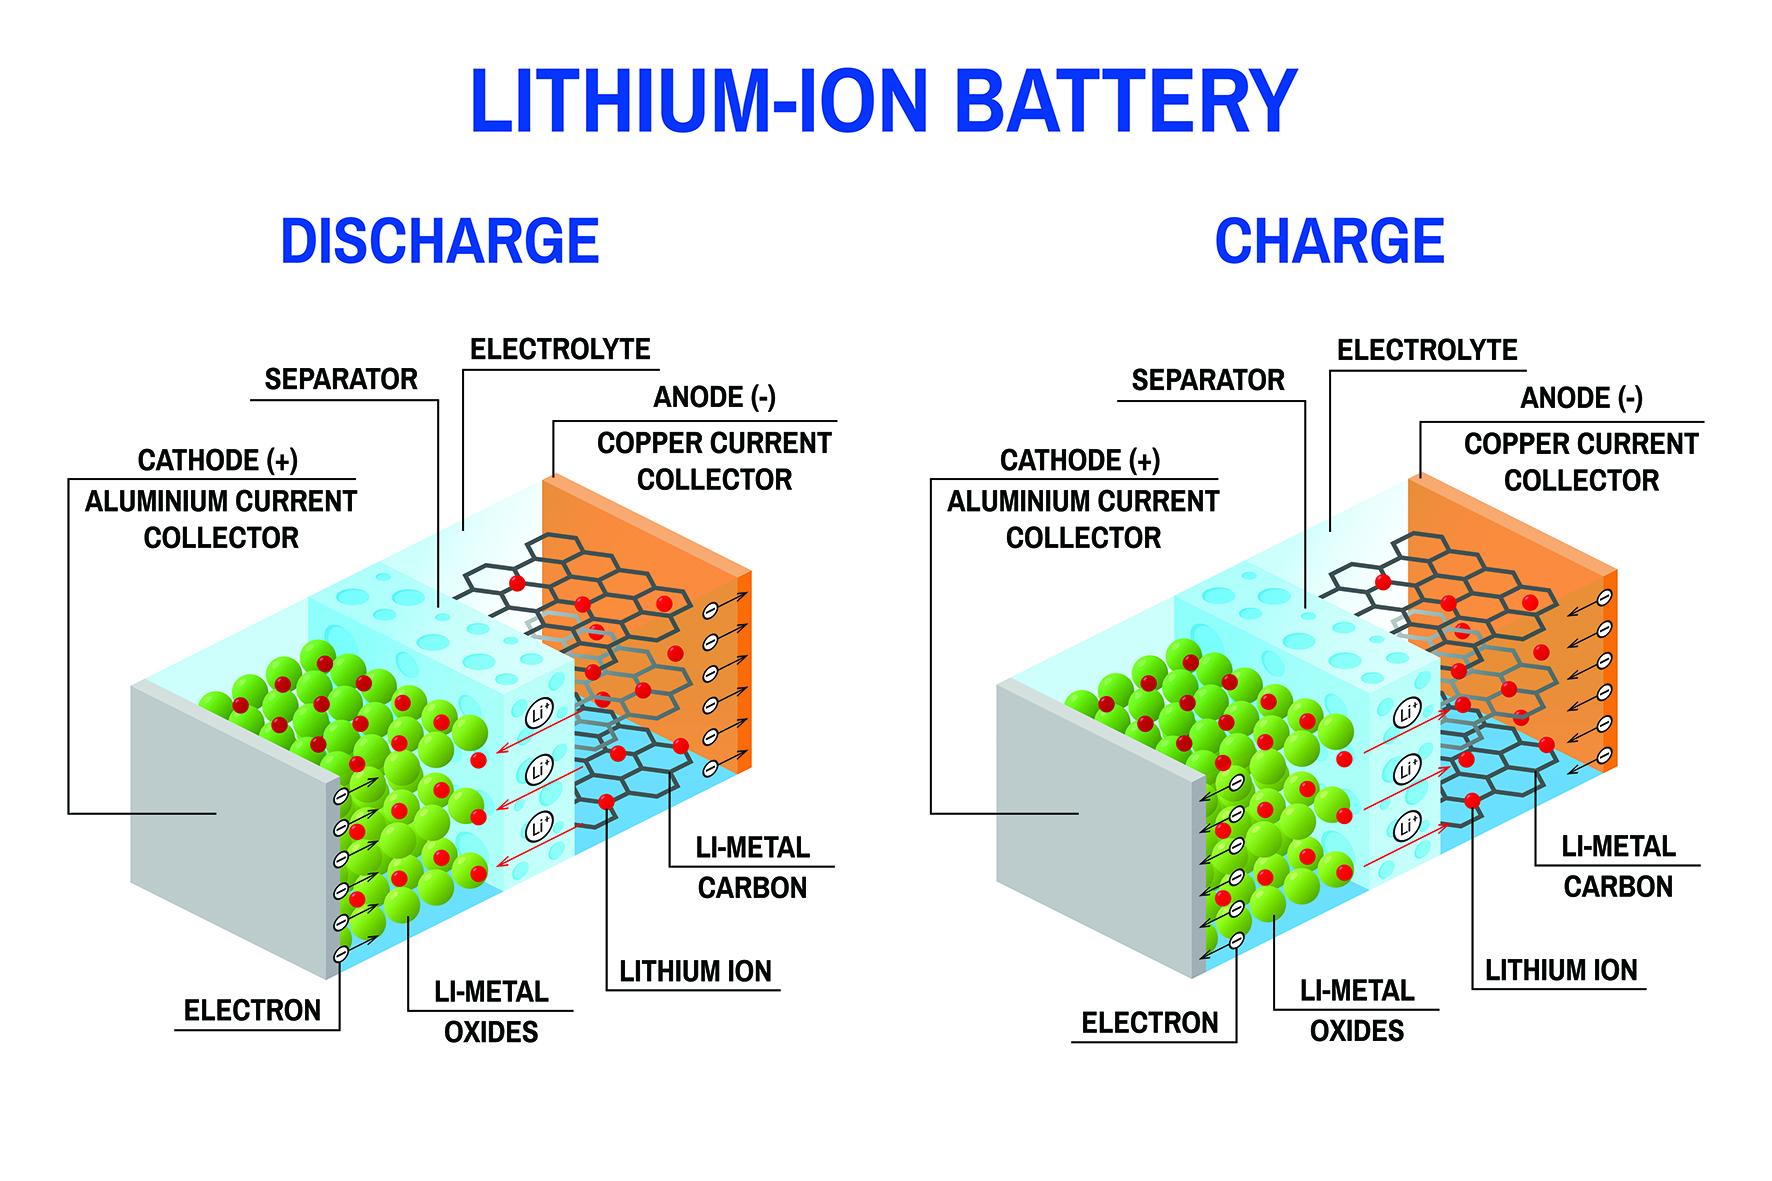 quelles sont les étapes de charge et décharge d'une batterie lithium